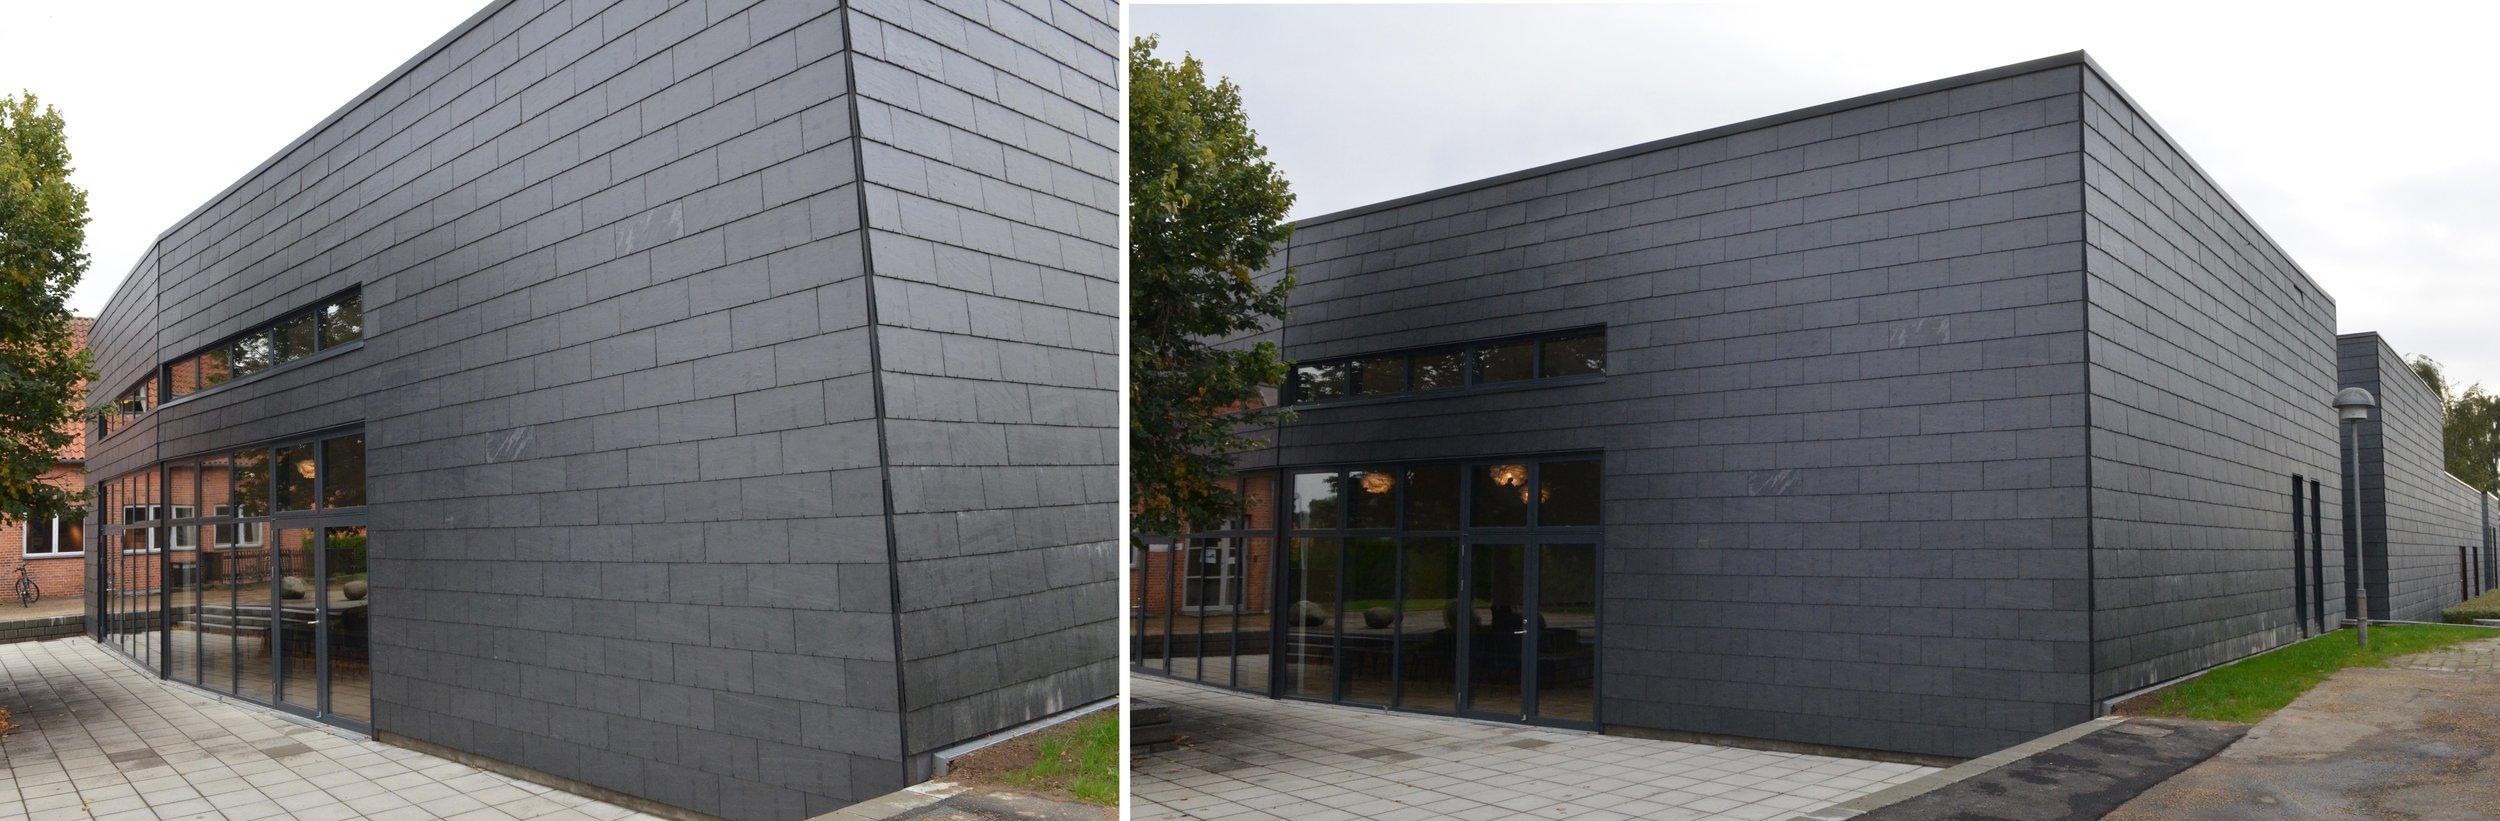 Foto 1: Kigger man langs facaden, vil man opdage, at facaden 'knækker'. Det skyldes, at de indvendige modstående vægflader ikke udføres parallelle for at undgår lyd-refleksioner. Foto 2: Som det ses, er koncertsalen udført som en separat enhed, men facadebeklædningen er udført svarende til de øvrige nye facader. Fotos: AOB